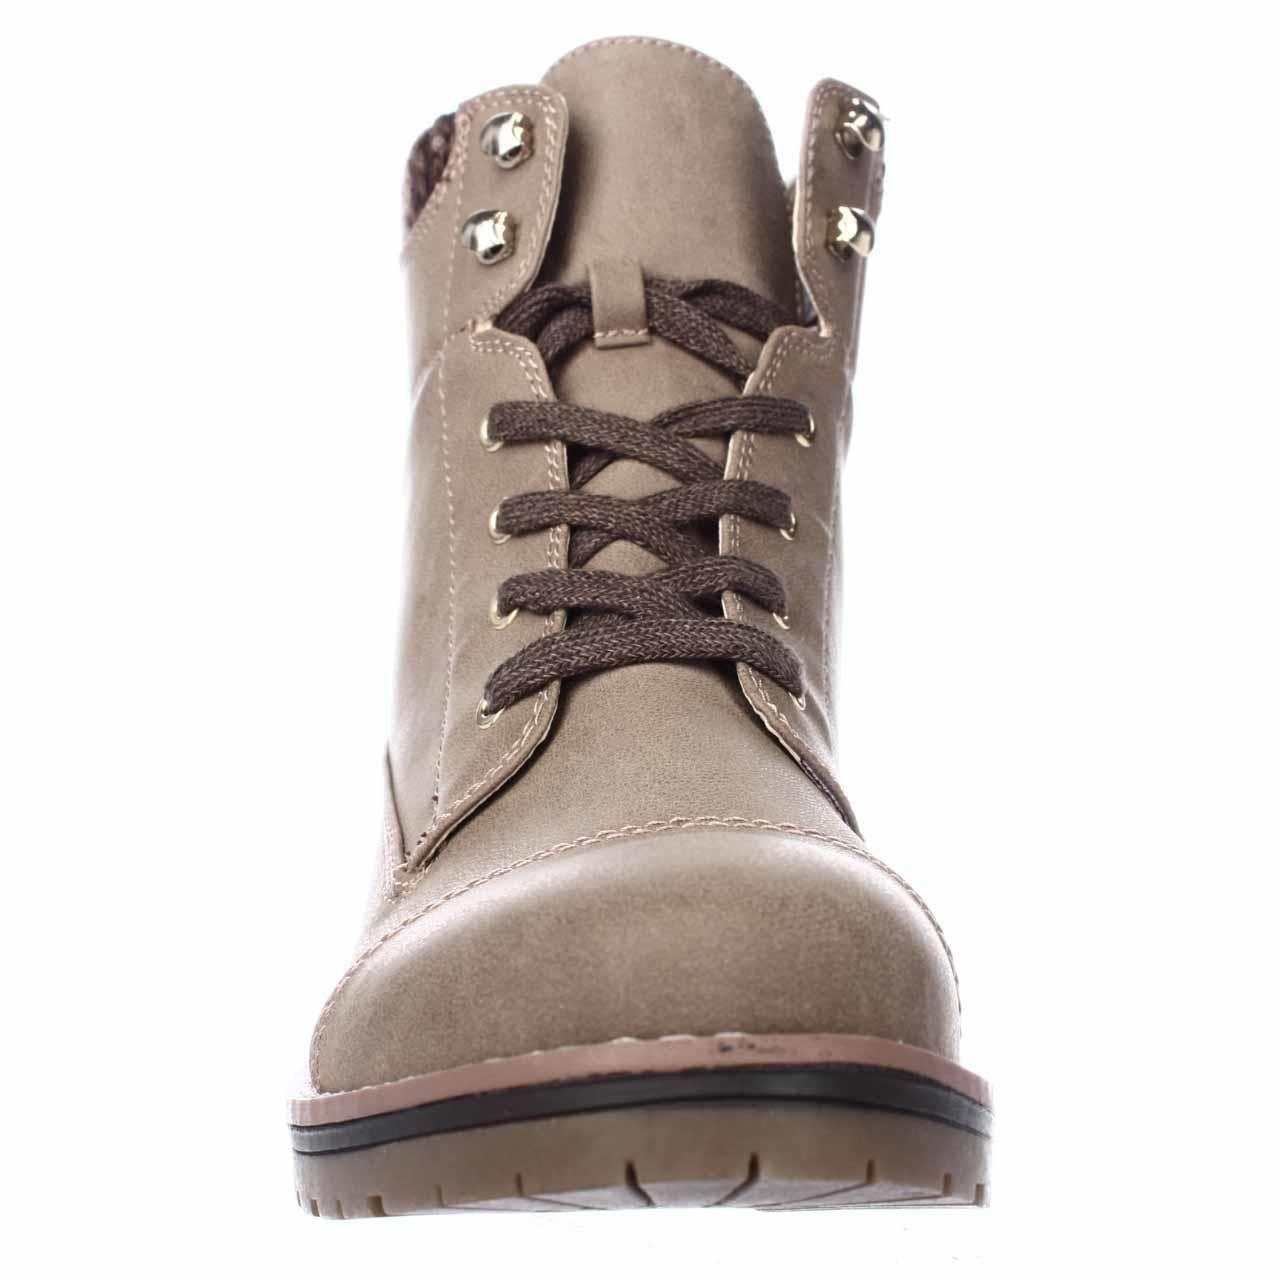 20393cc12f88f Tommy Hilfiger - Brown Omar2 Knit Top Combat Boots - Lyst. View fullscreen